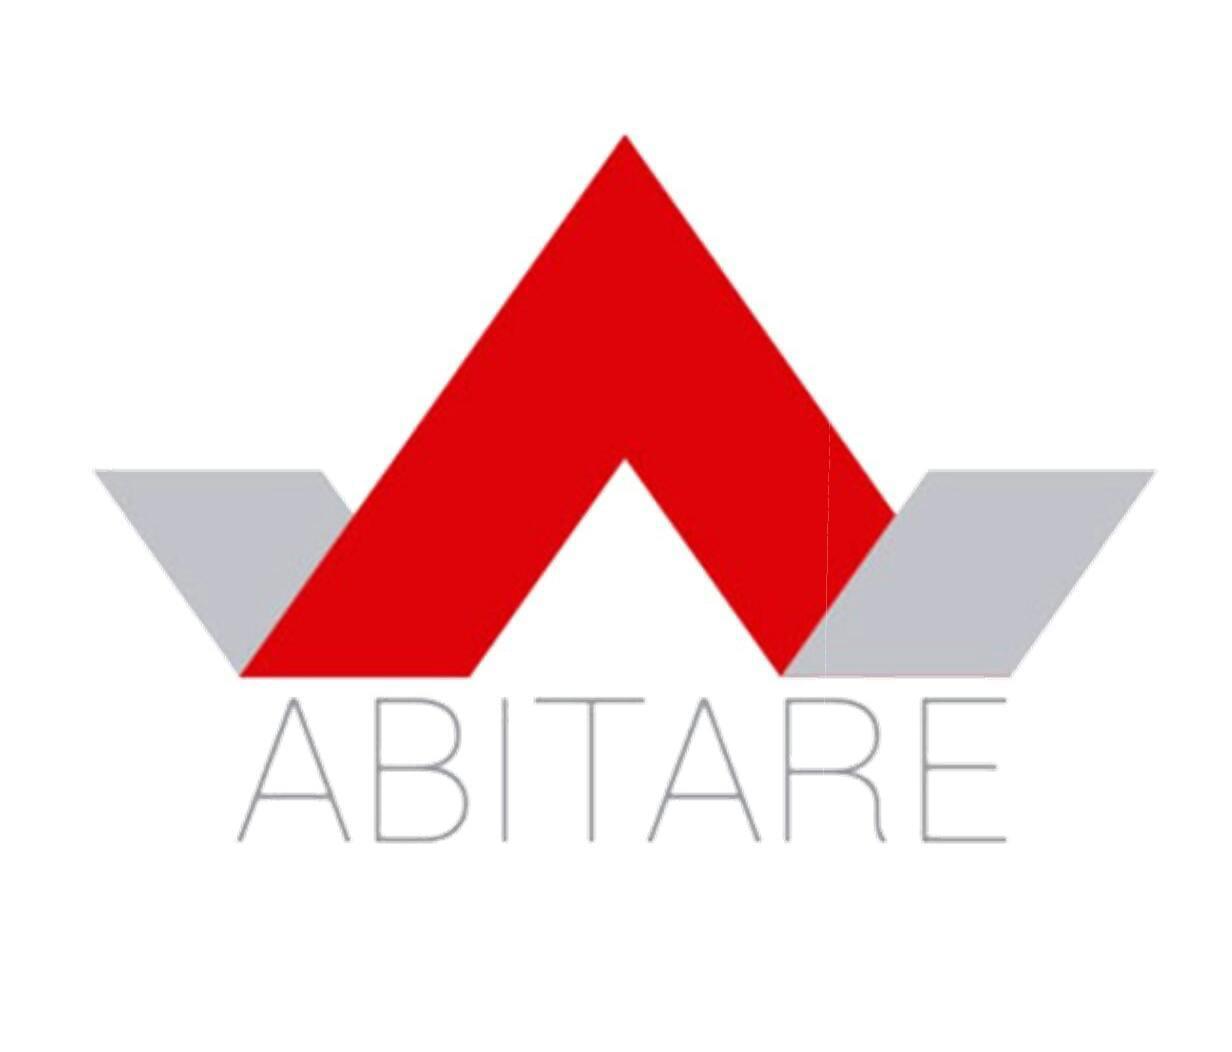 Abitare Guatemala